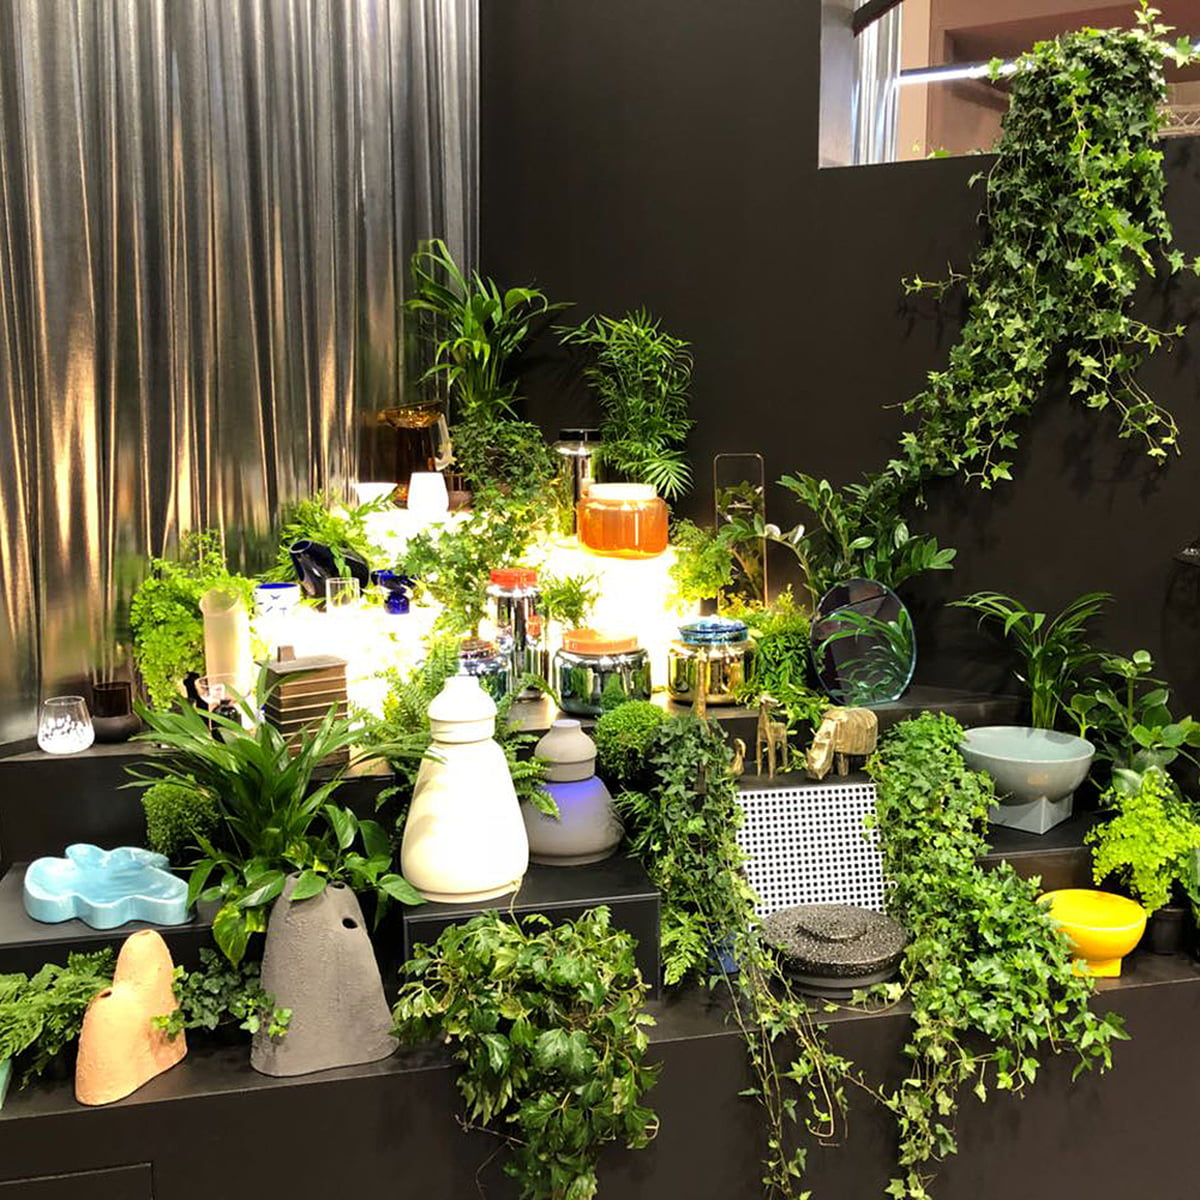 Messe Und Wohndesign: Oda Leuchte Von Pulpo Im Wohndesign-Shop